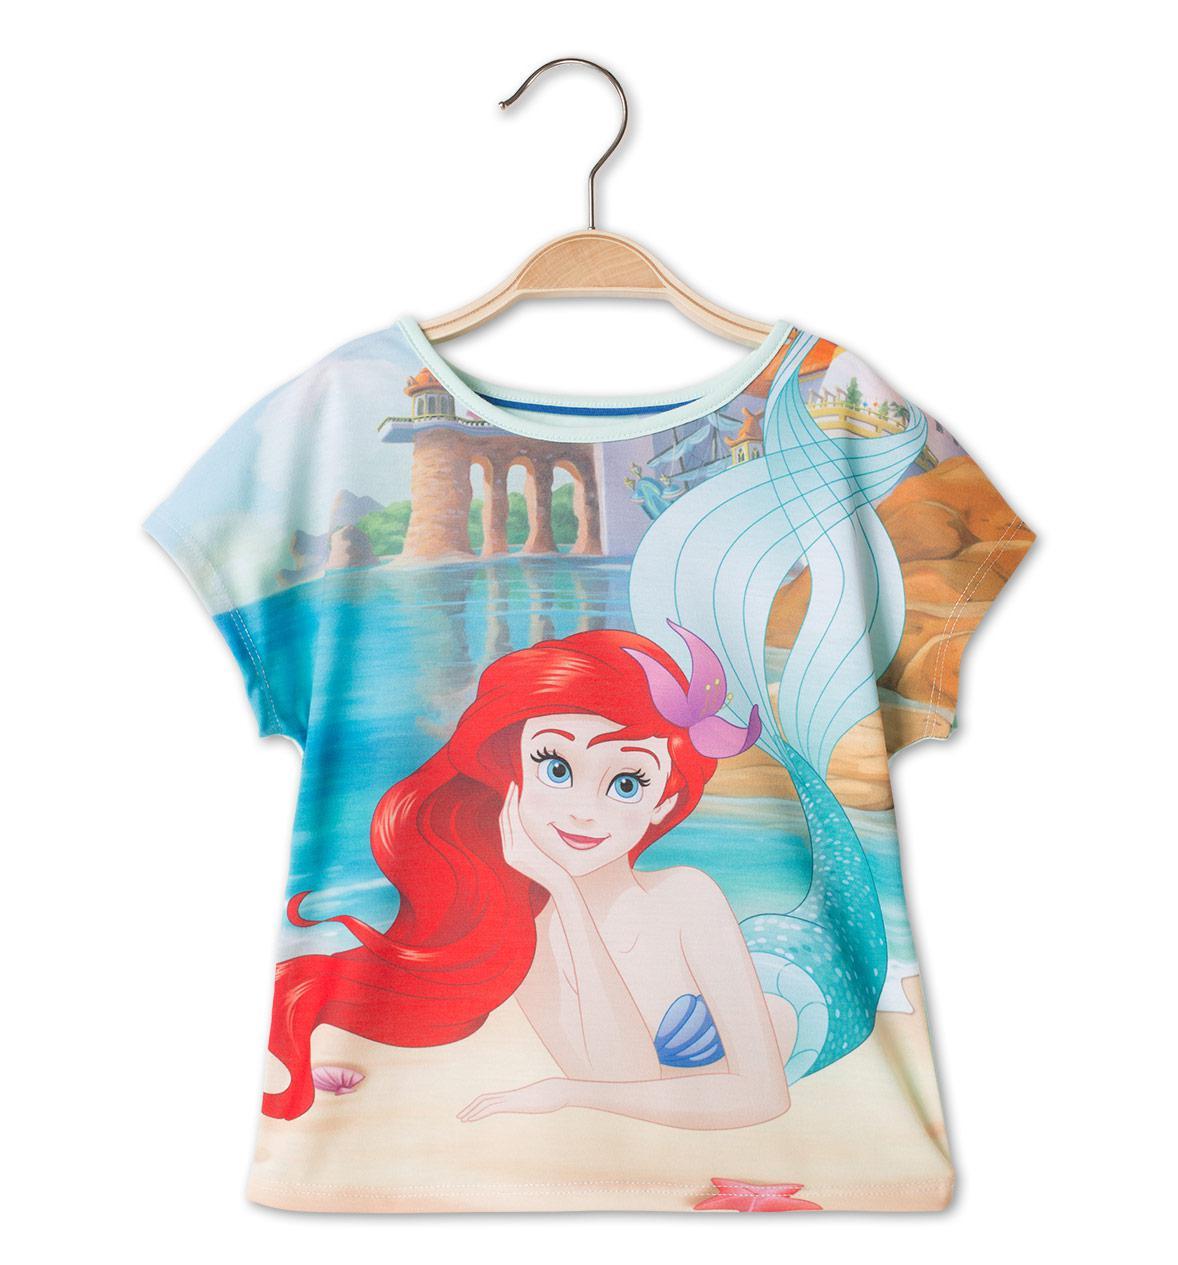 Детская футболка с Русалочкой на девочку 2-3 года C&A Германия Размер 98